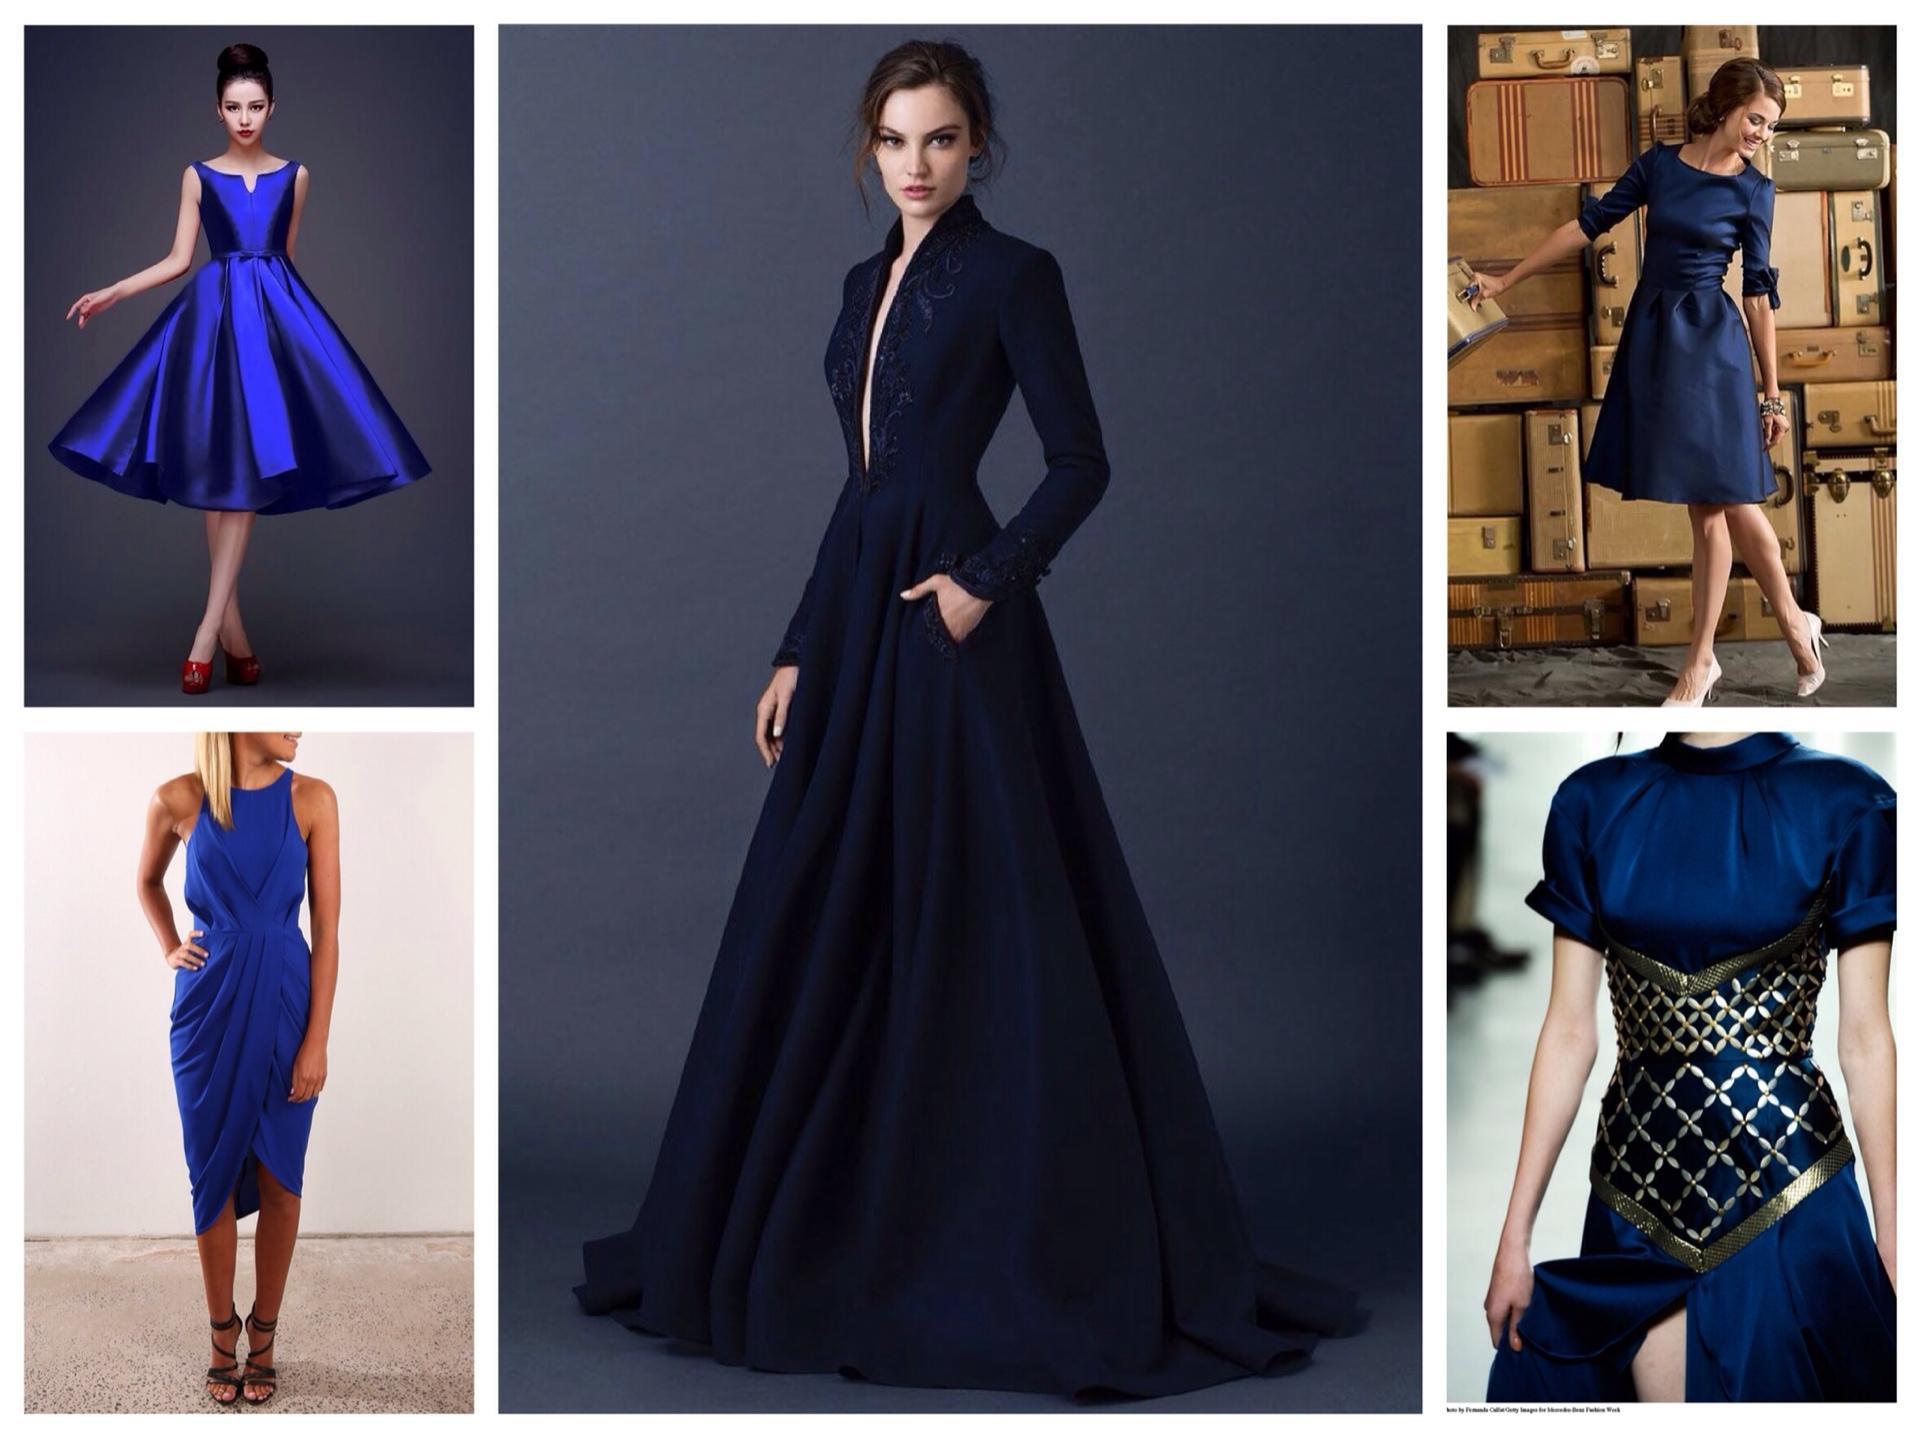 Голубое платье и аксессуары к нему